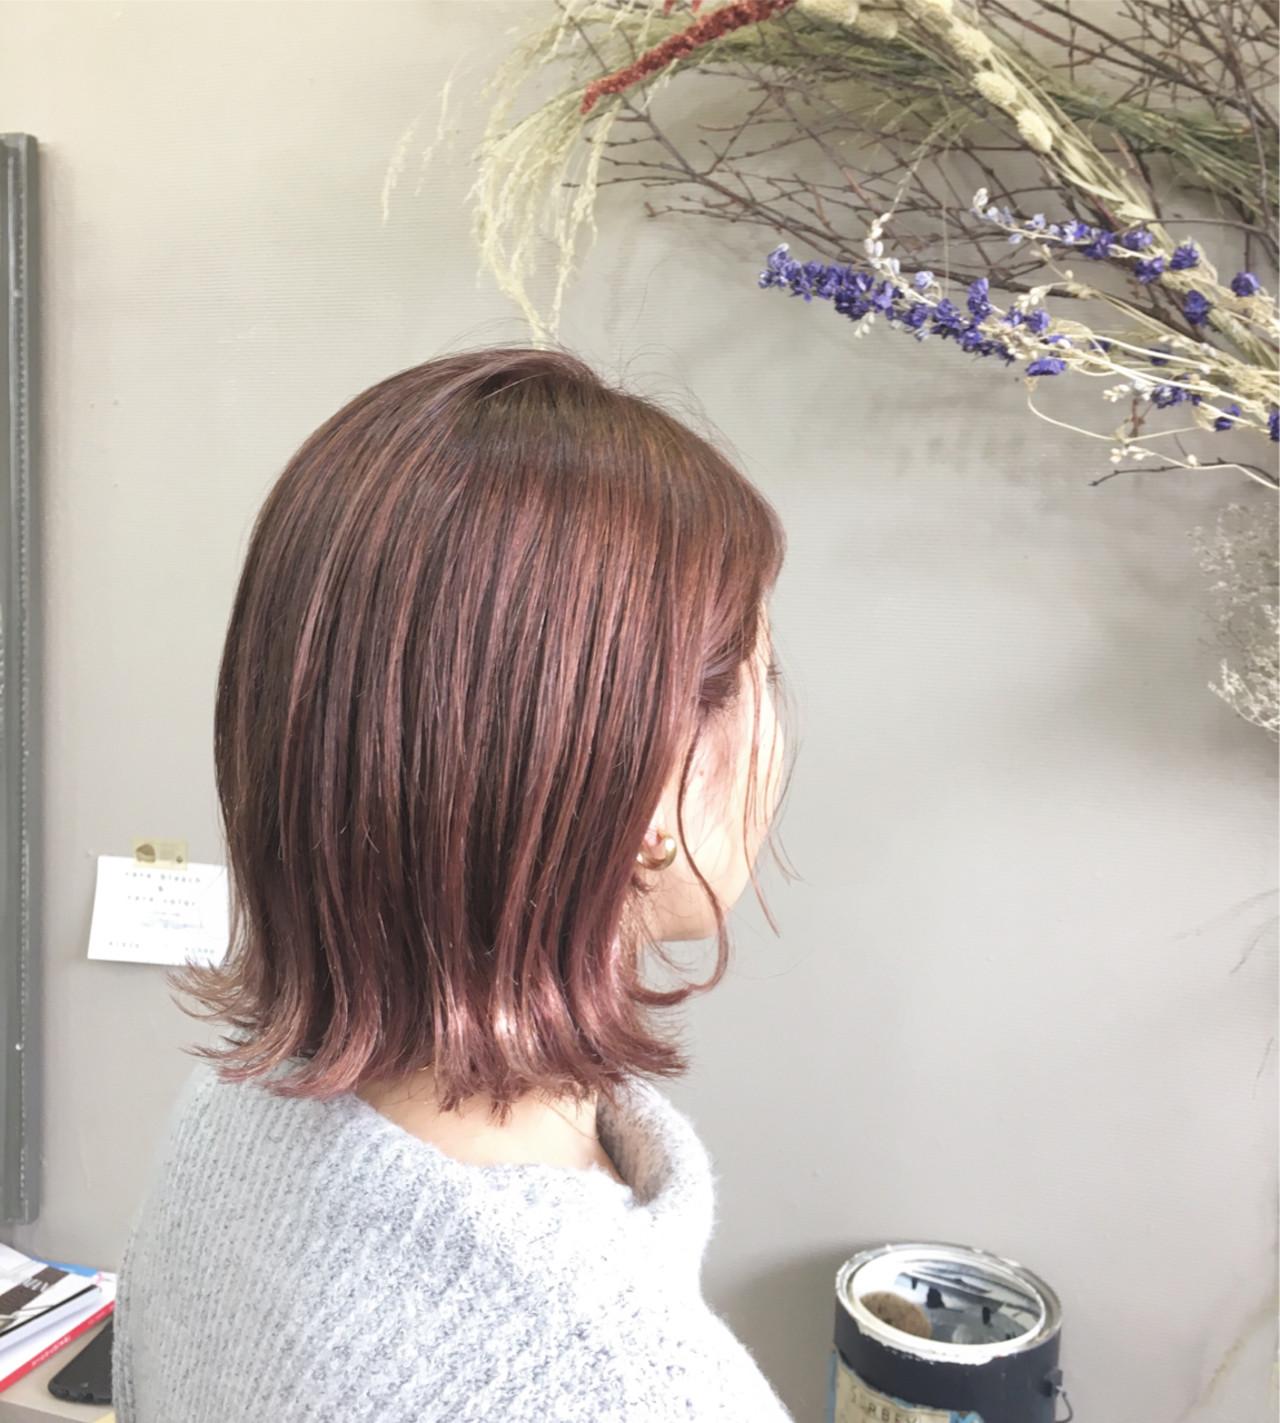 ボブ ハイライト スポーツ メッシュ ヘアスタイルや髪型の写真・画像 | kazue / hair make design paf